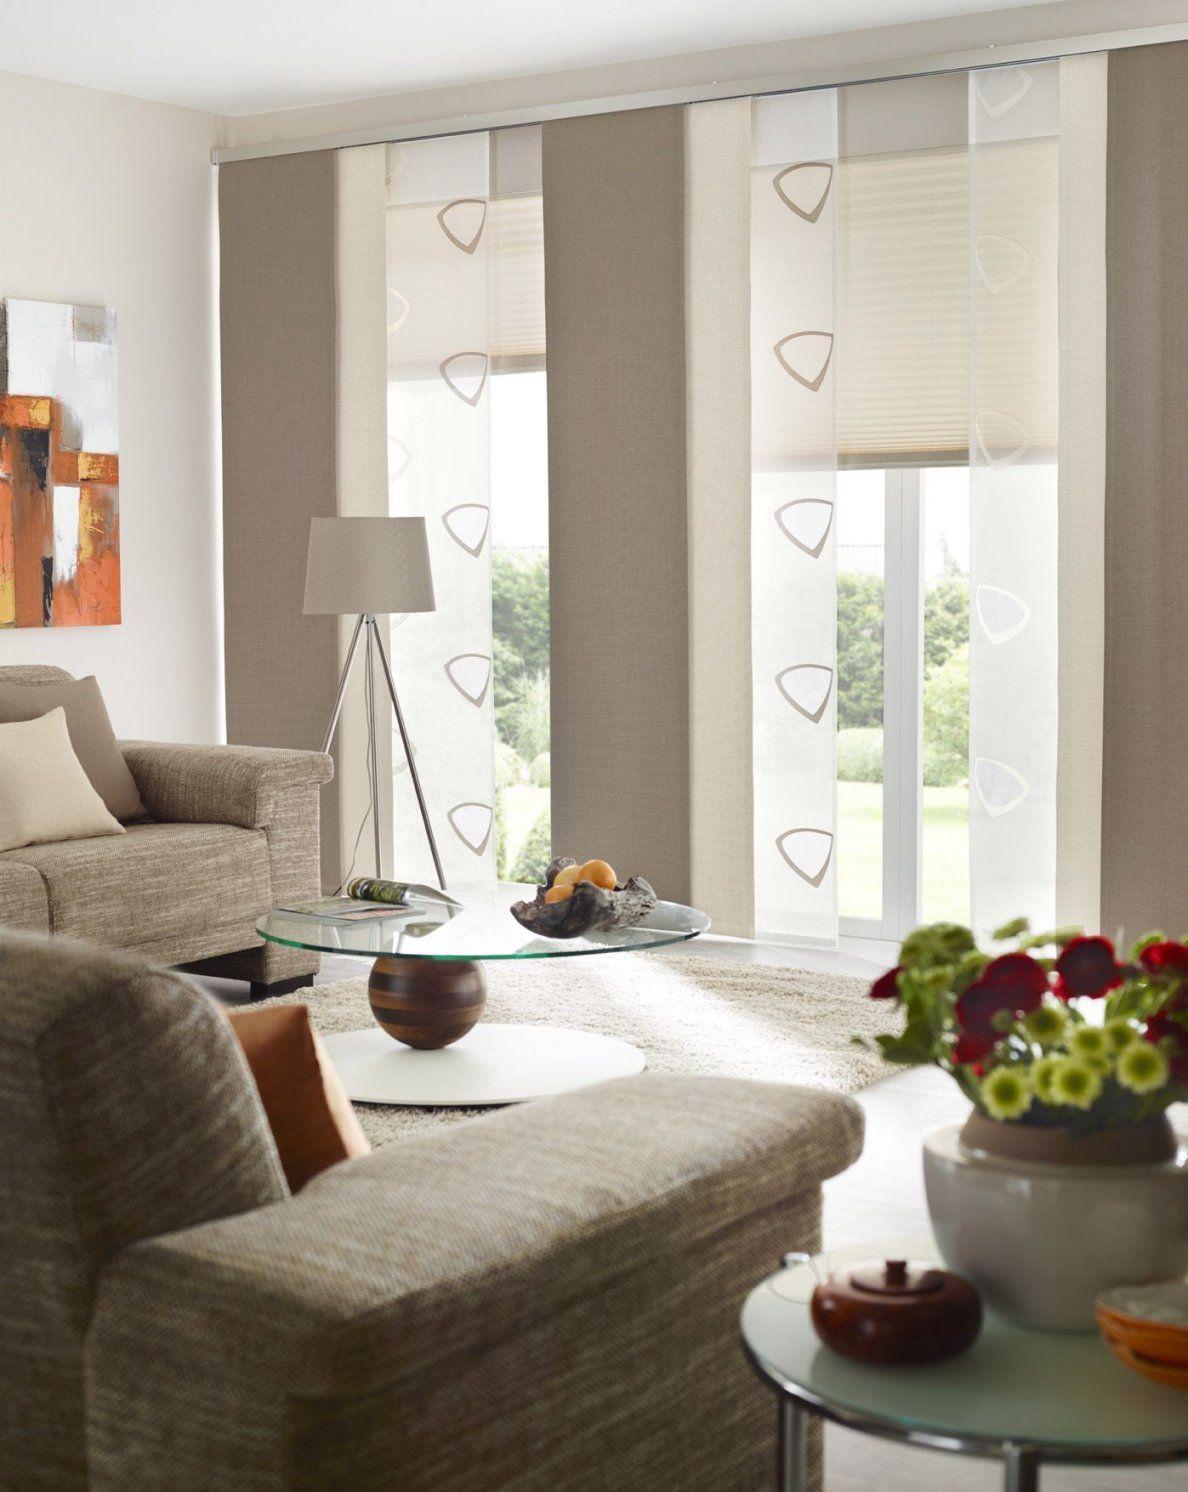 Fenster Urbansteel Gardinen Dekostoffe Vorhang Wohnstoffe von Unland Gardinen Muster Photo